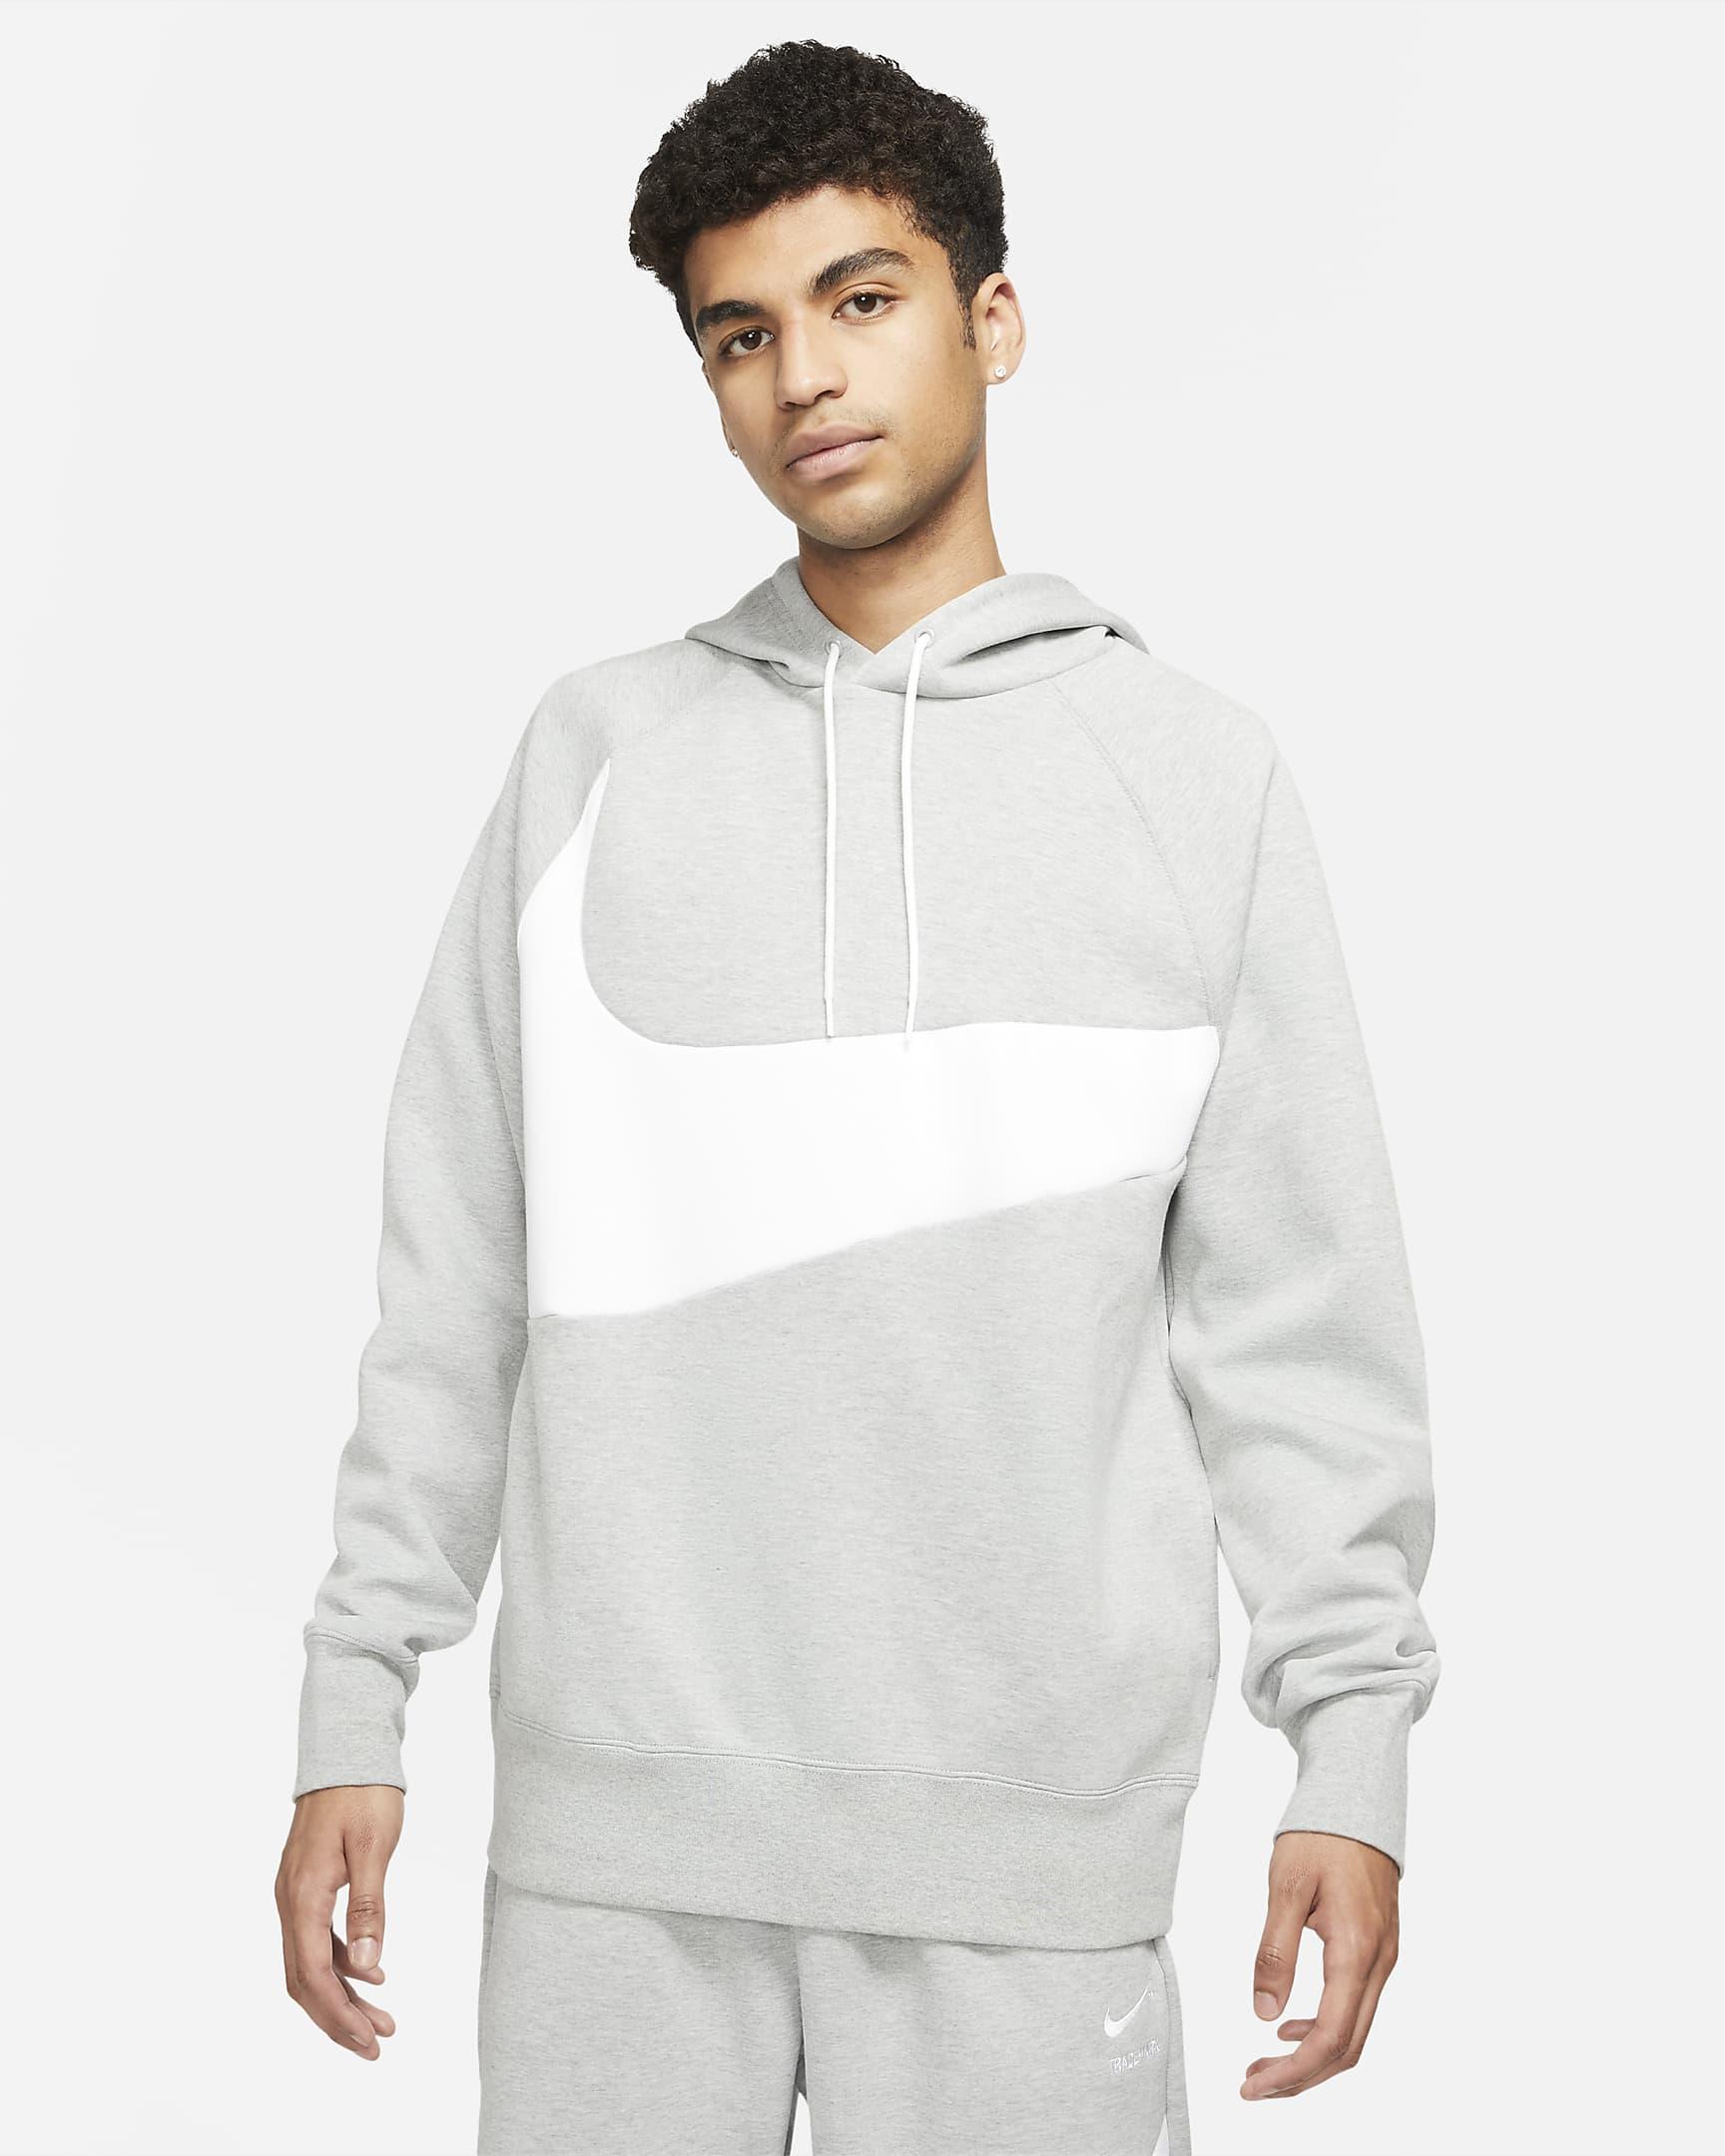 nike-sportswear-swoosh-tech-fleece-mens-pullover-hoodie-CPnmfh.png